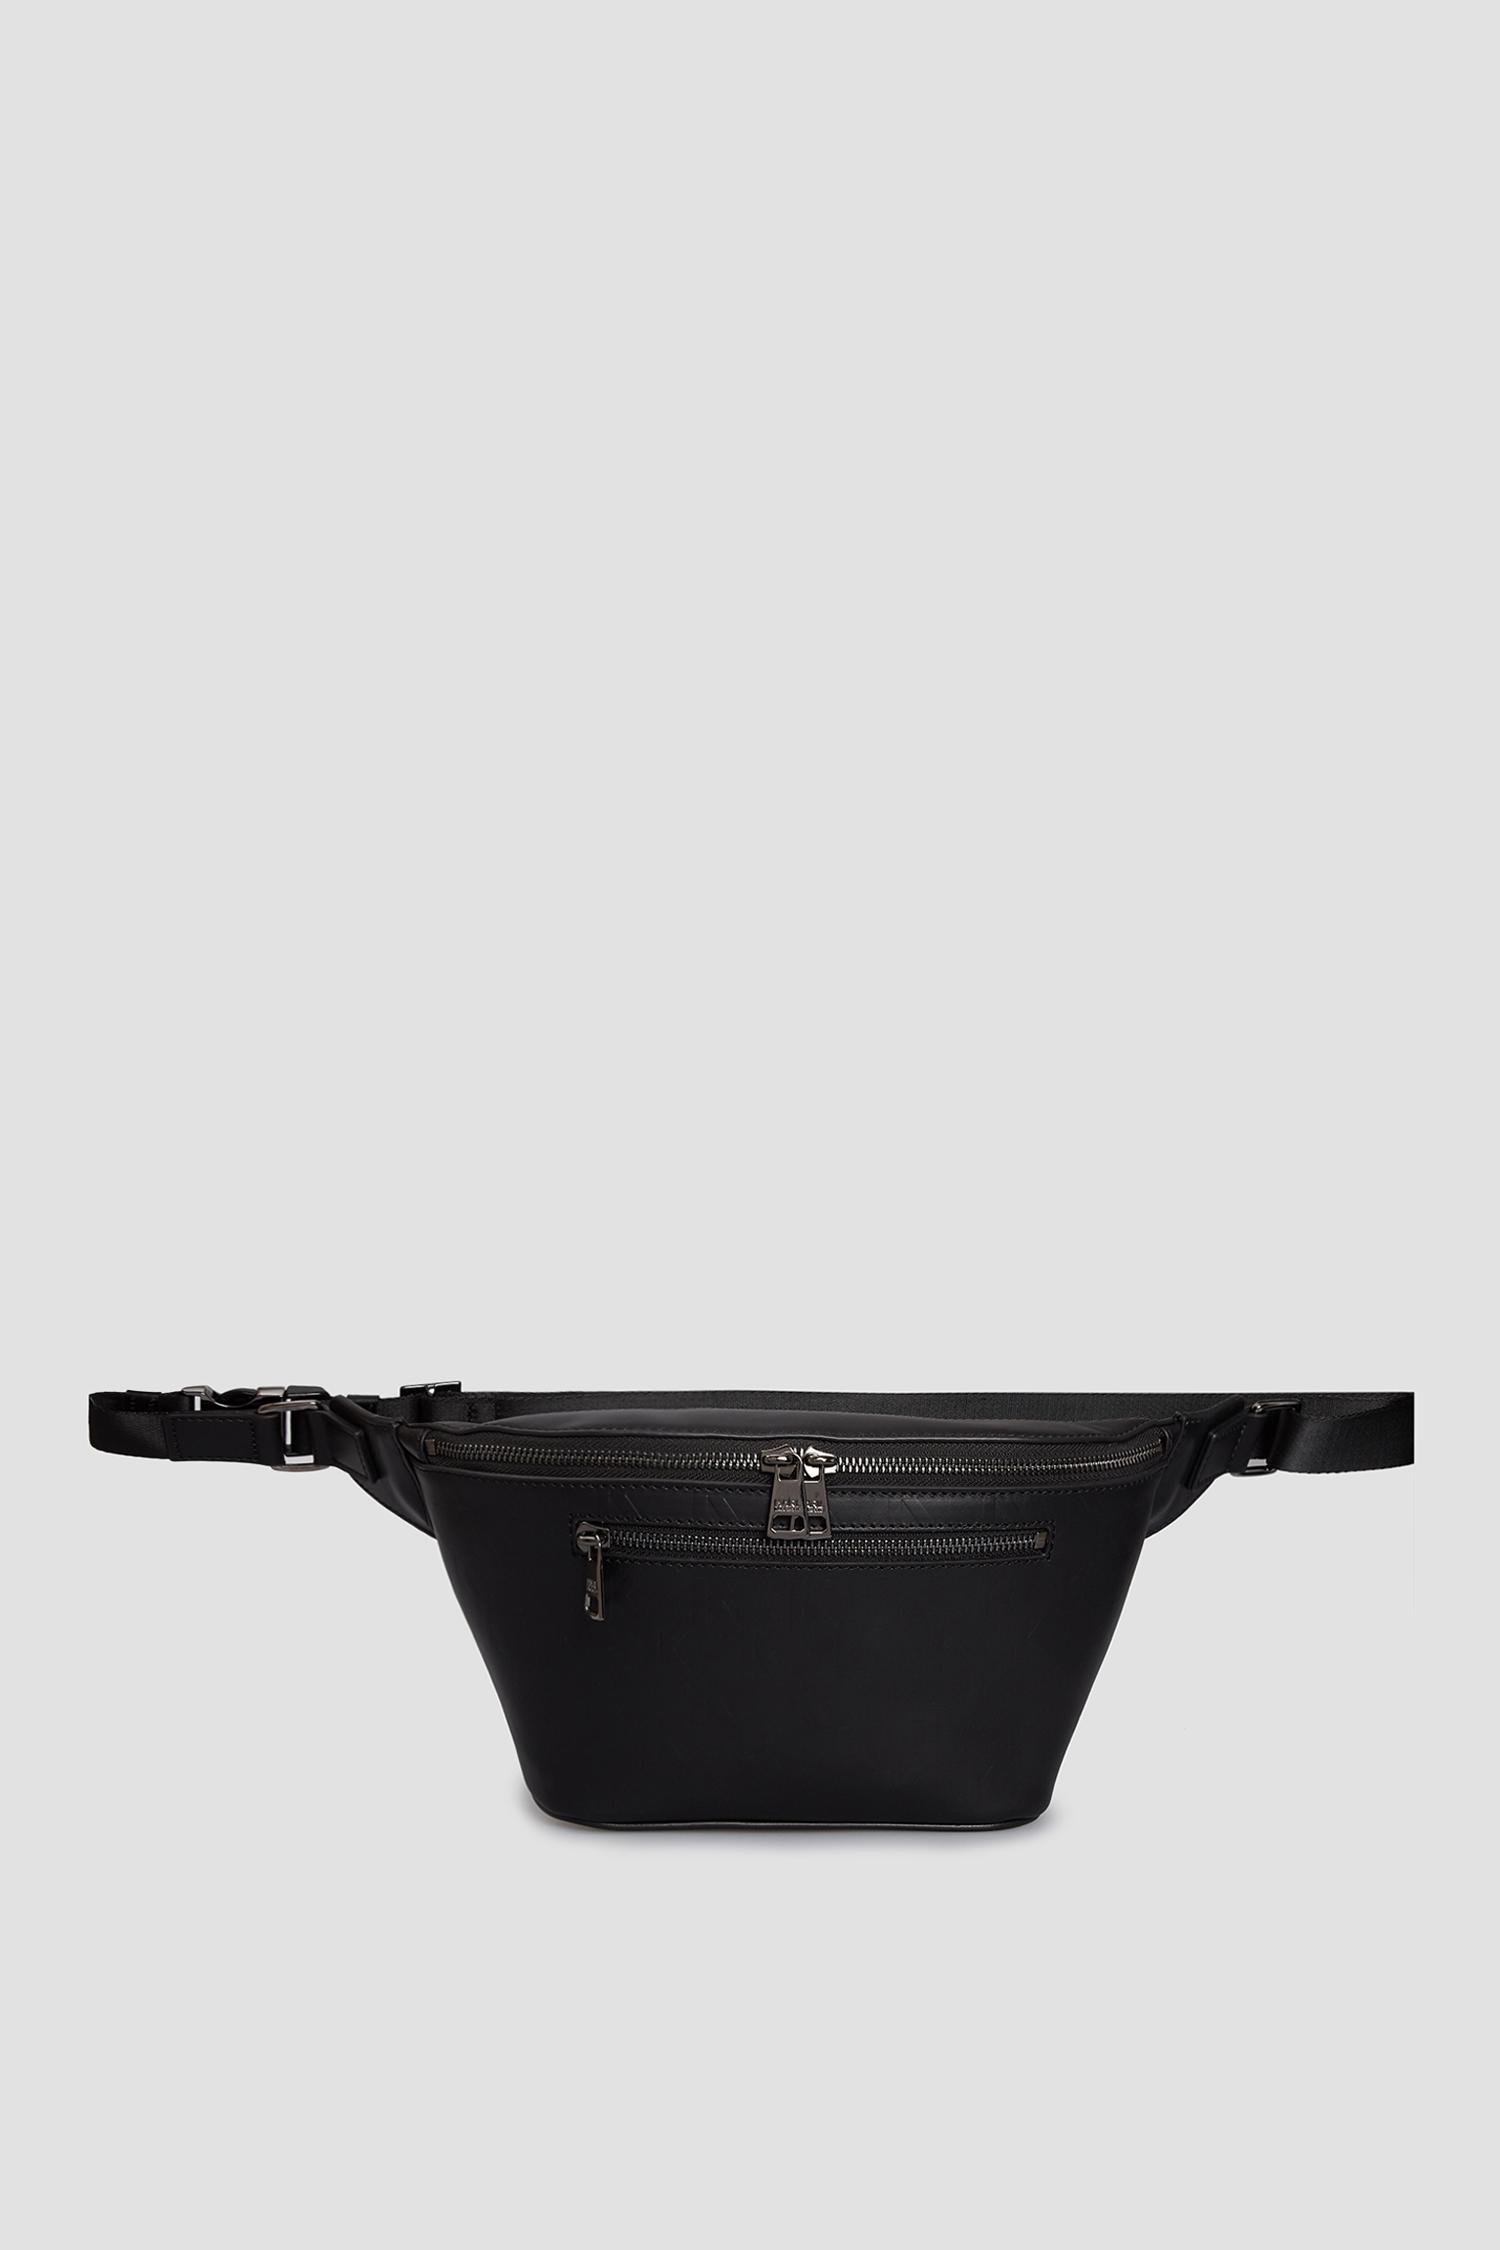 Чоловіча чорна шкіряна поясна сумка Karl Lagerfeld 511453.815924;990